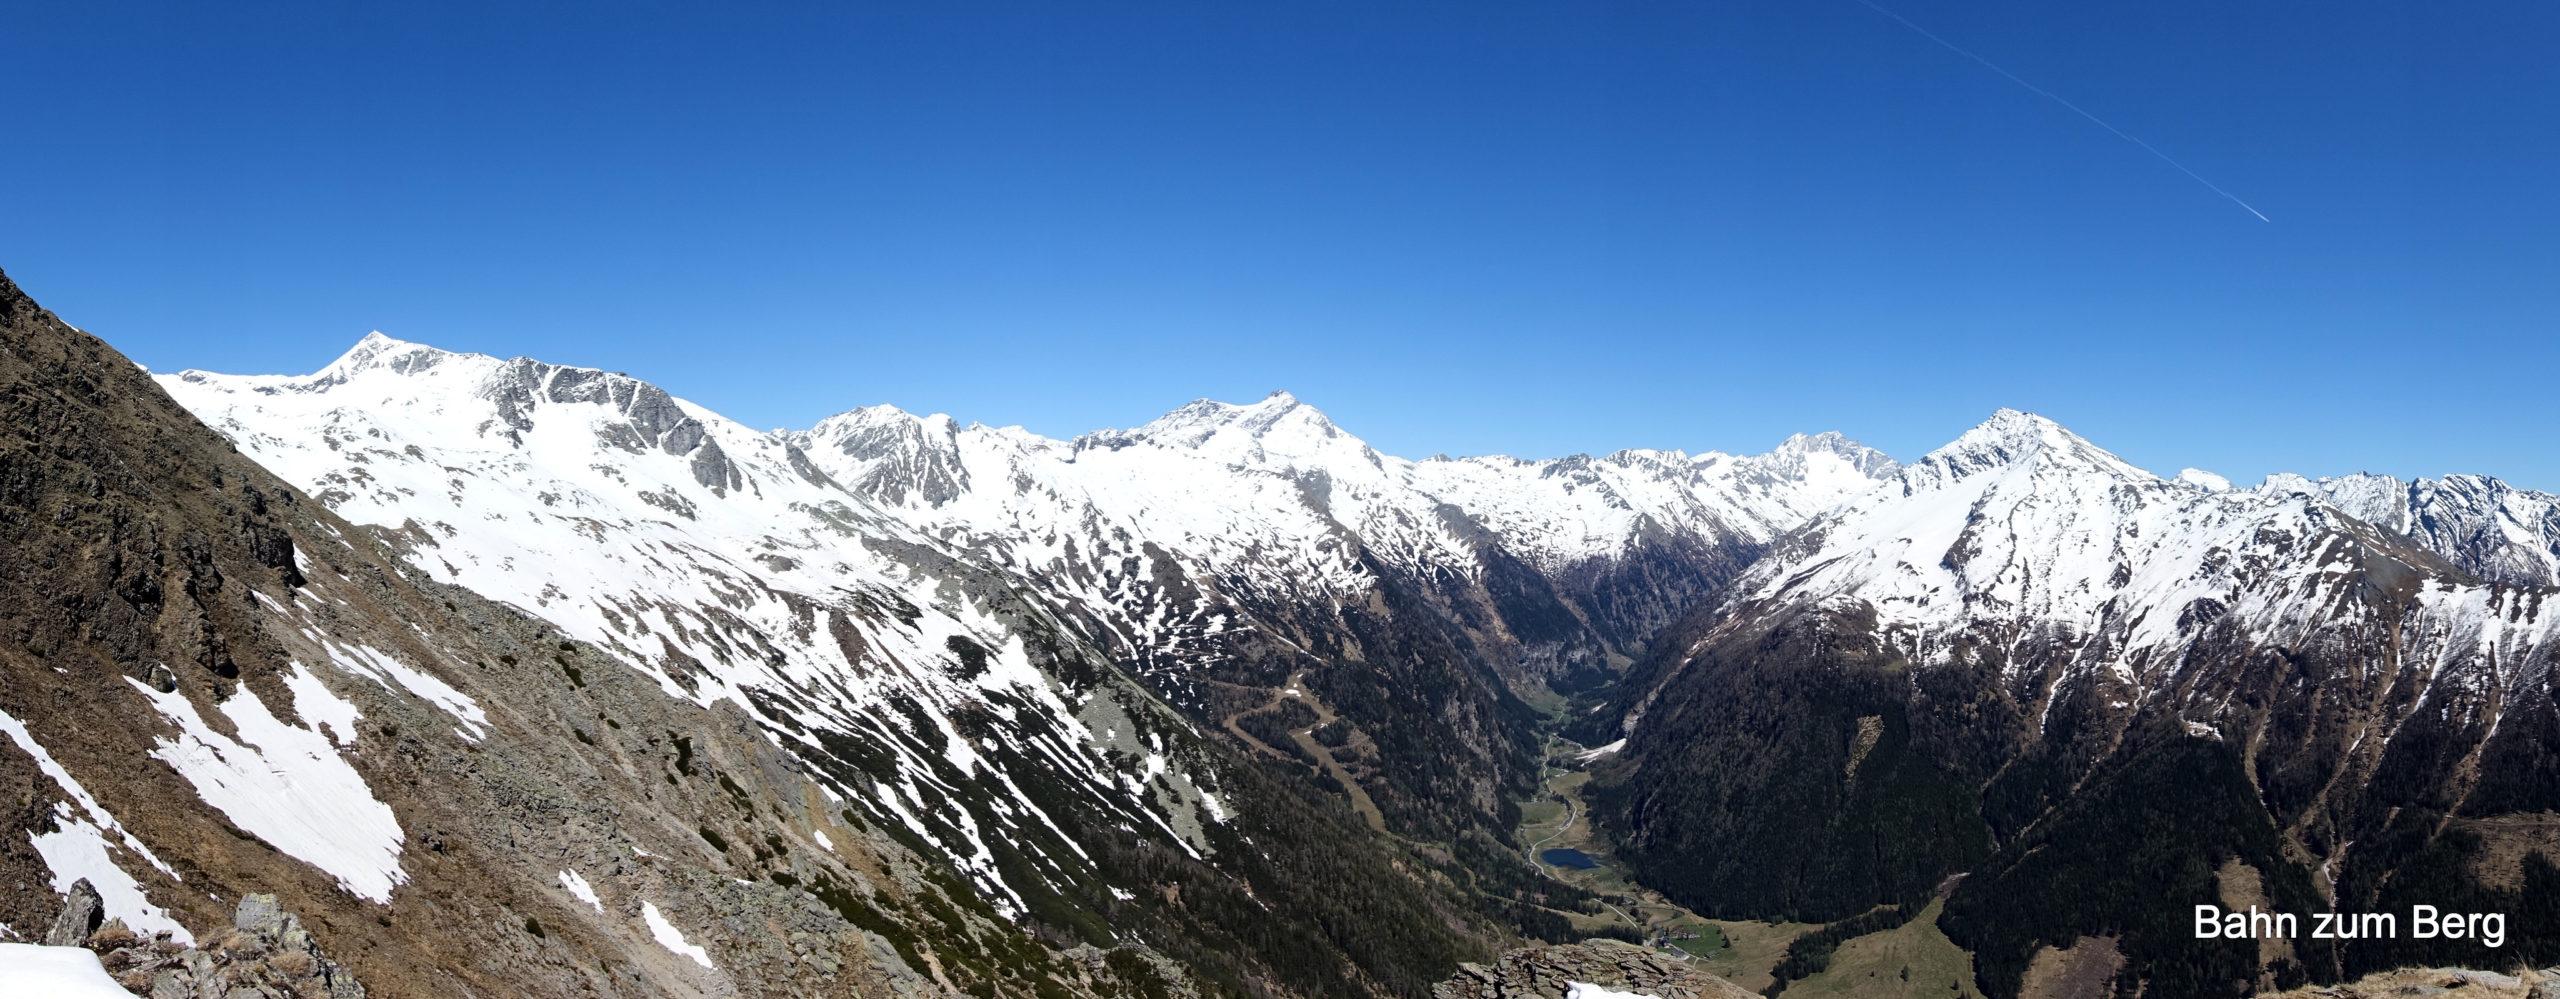 Panorama Ankogel. Foto: Martin Heppner